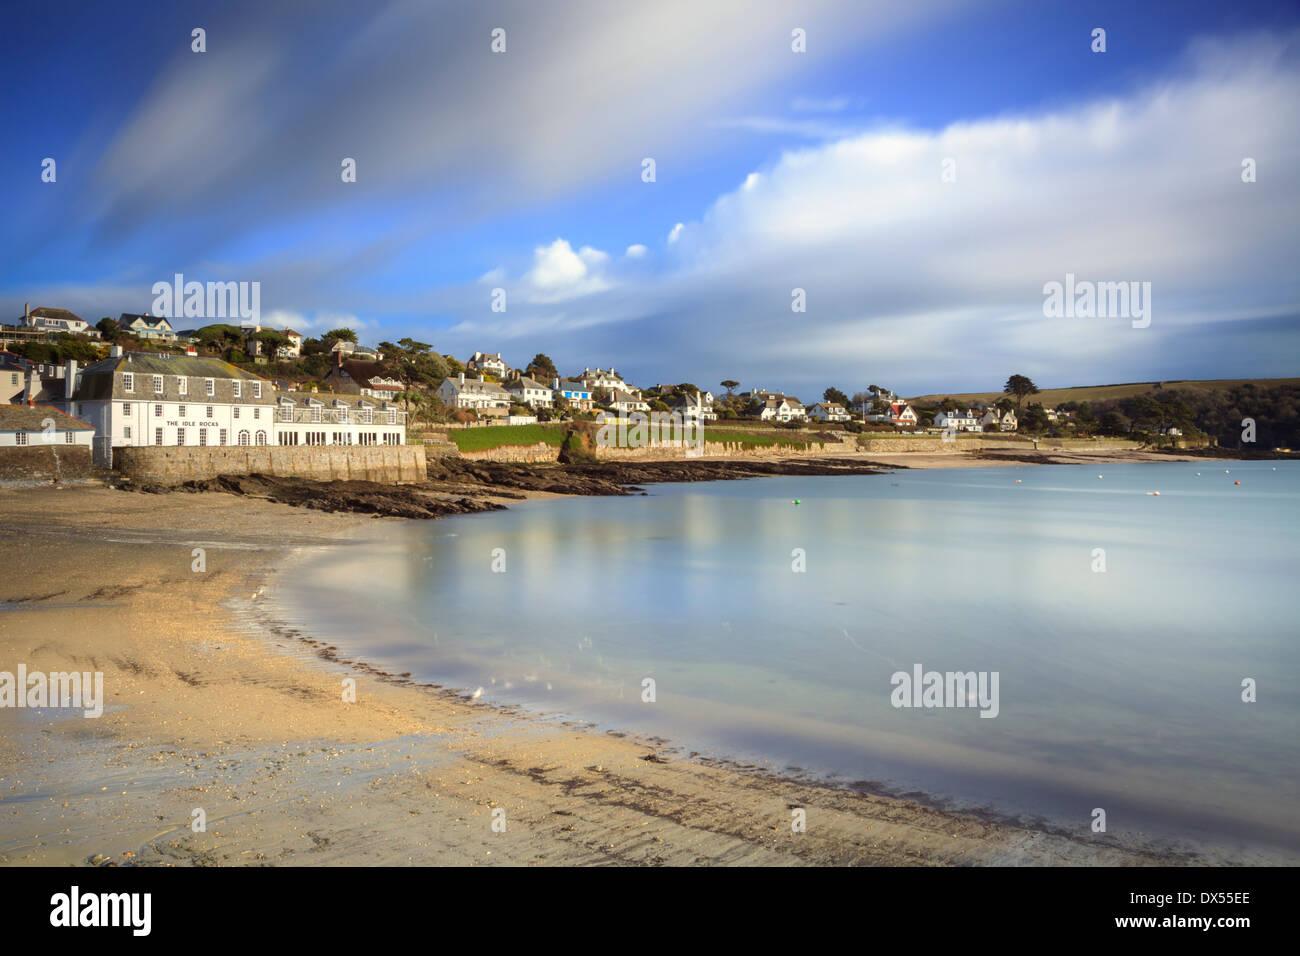 St Mawes à Cornwall obtenues à l'aide d'une longue exposition à estomper la circulation dans l'eau et les nuages Photo Stock